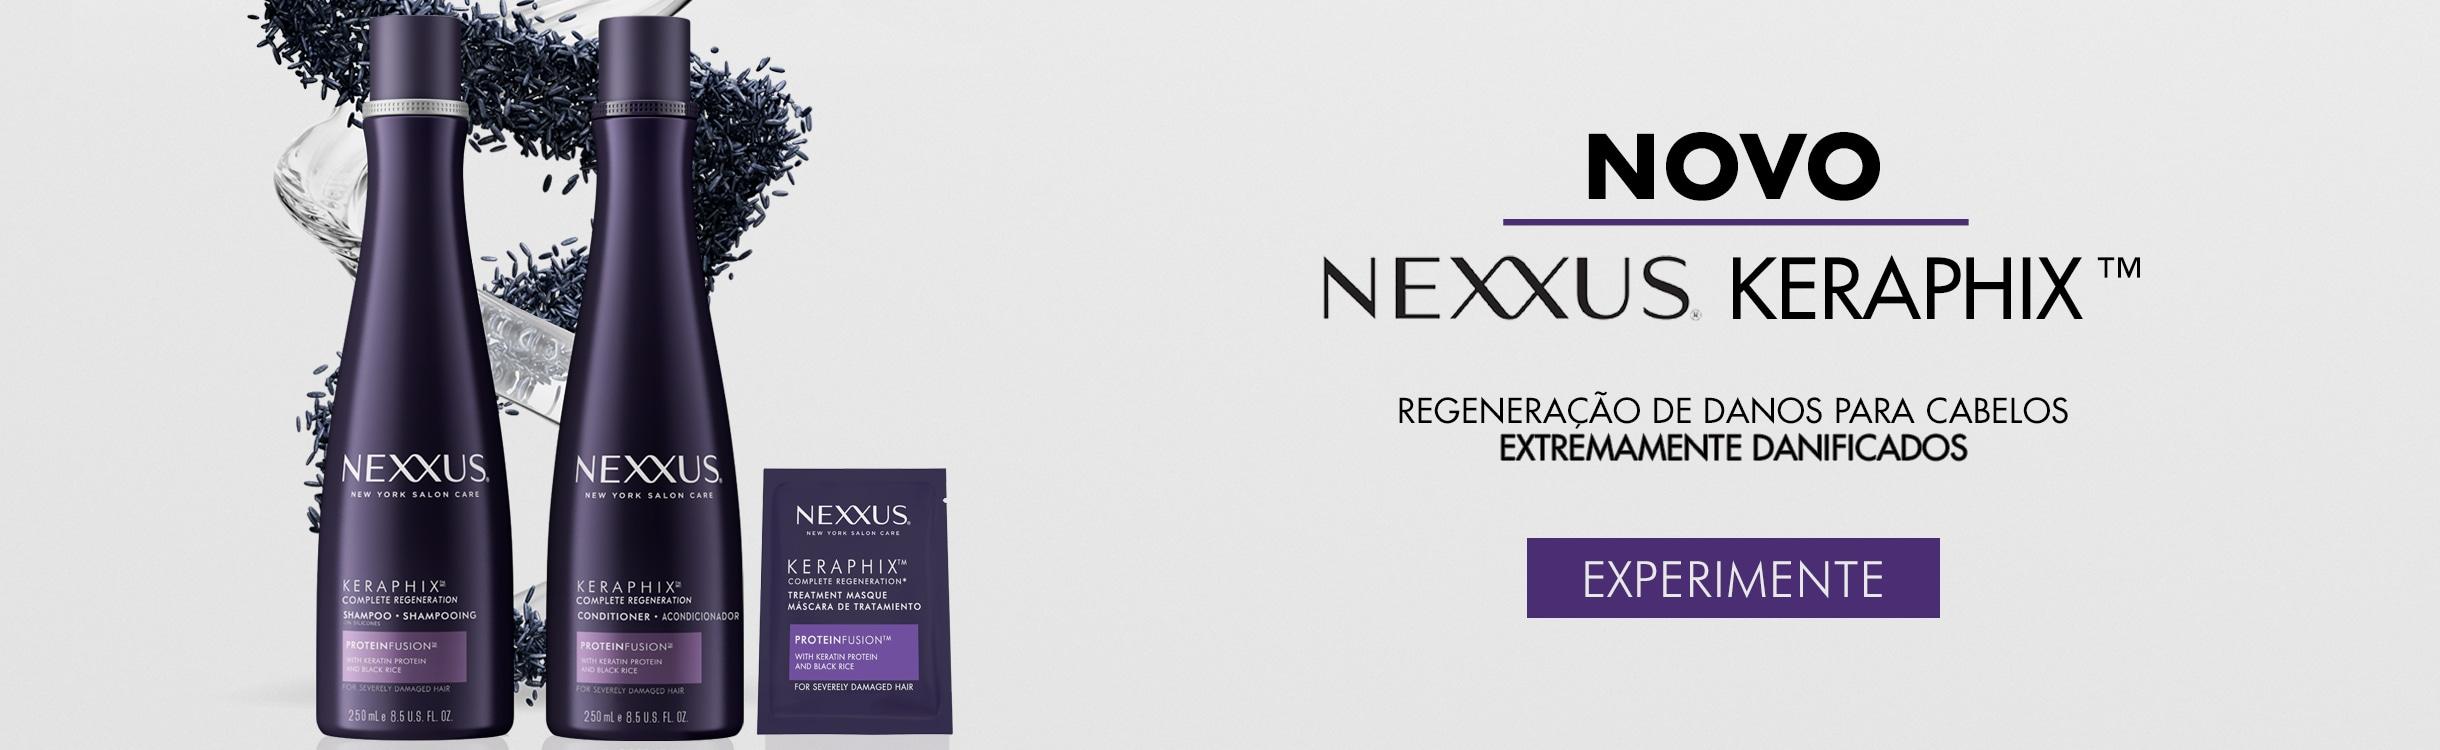 Nexxus: Lançamento Keraphix